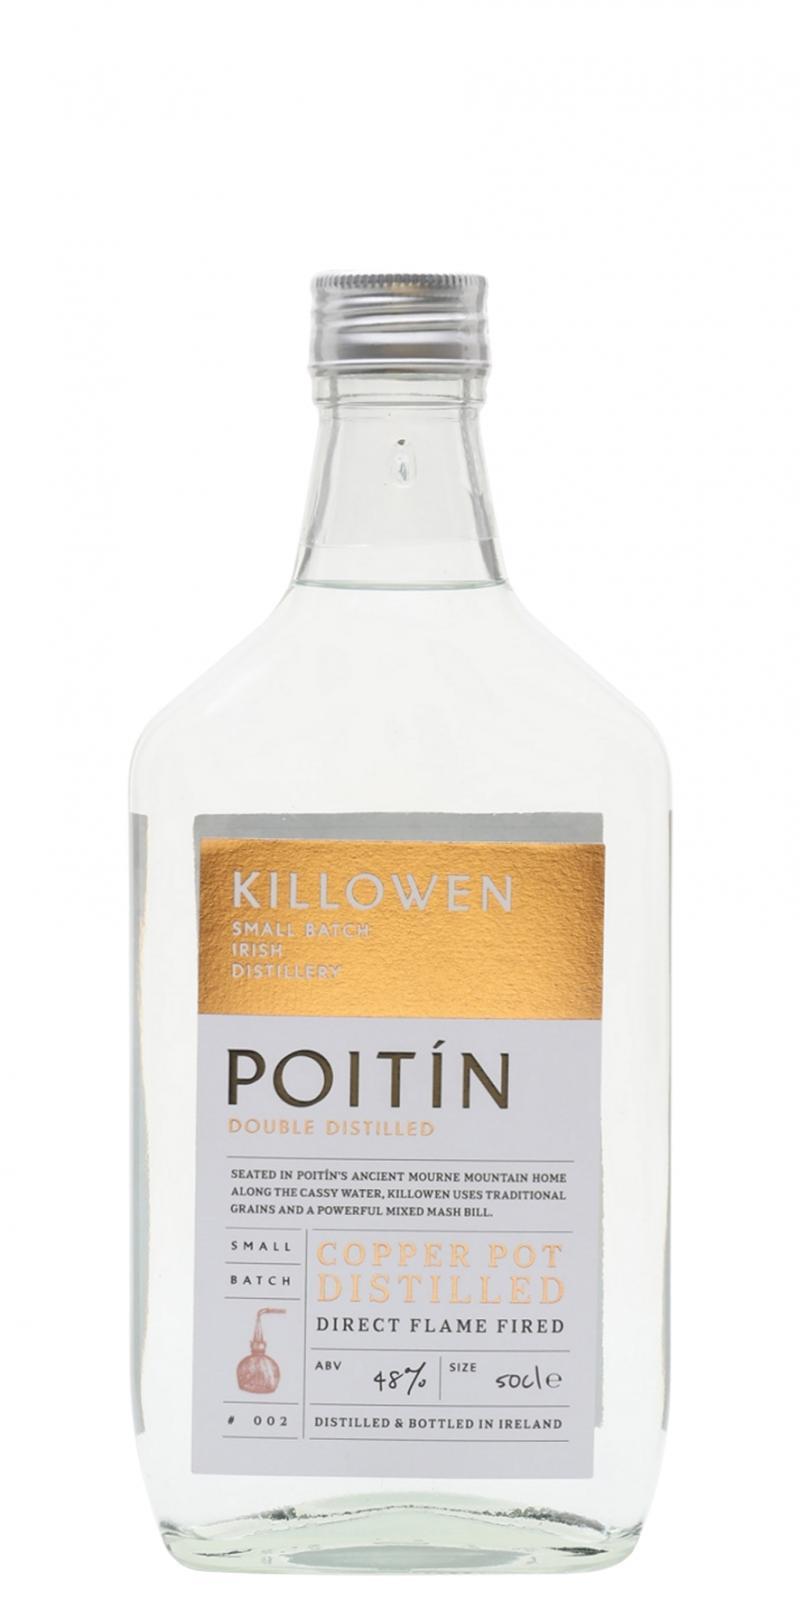 Killowen Poitín